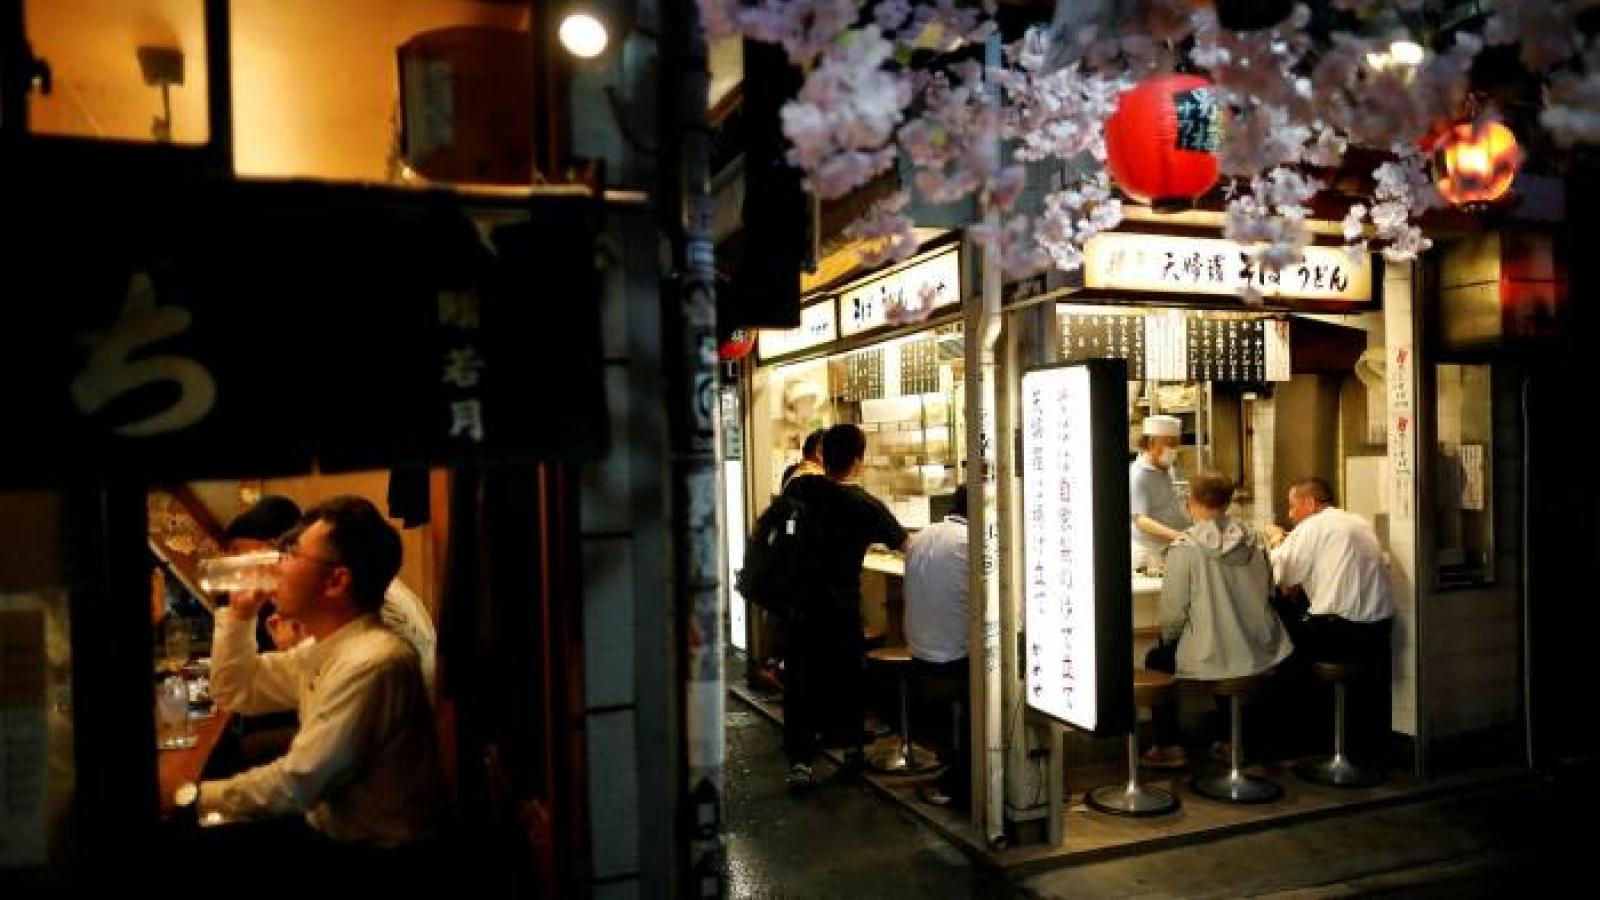 Tokyo (Nhật Bản) phải đóng cửa sớm các quán bar, nhà hàng do Covid-19